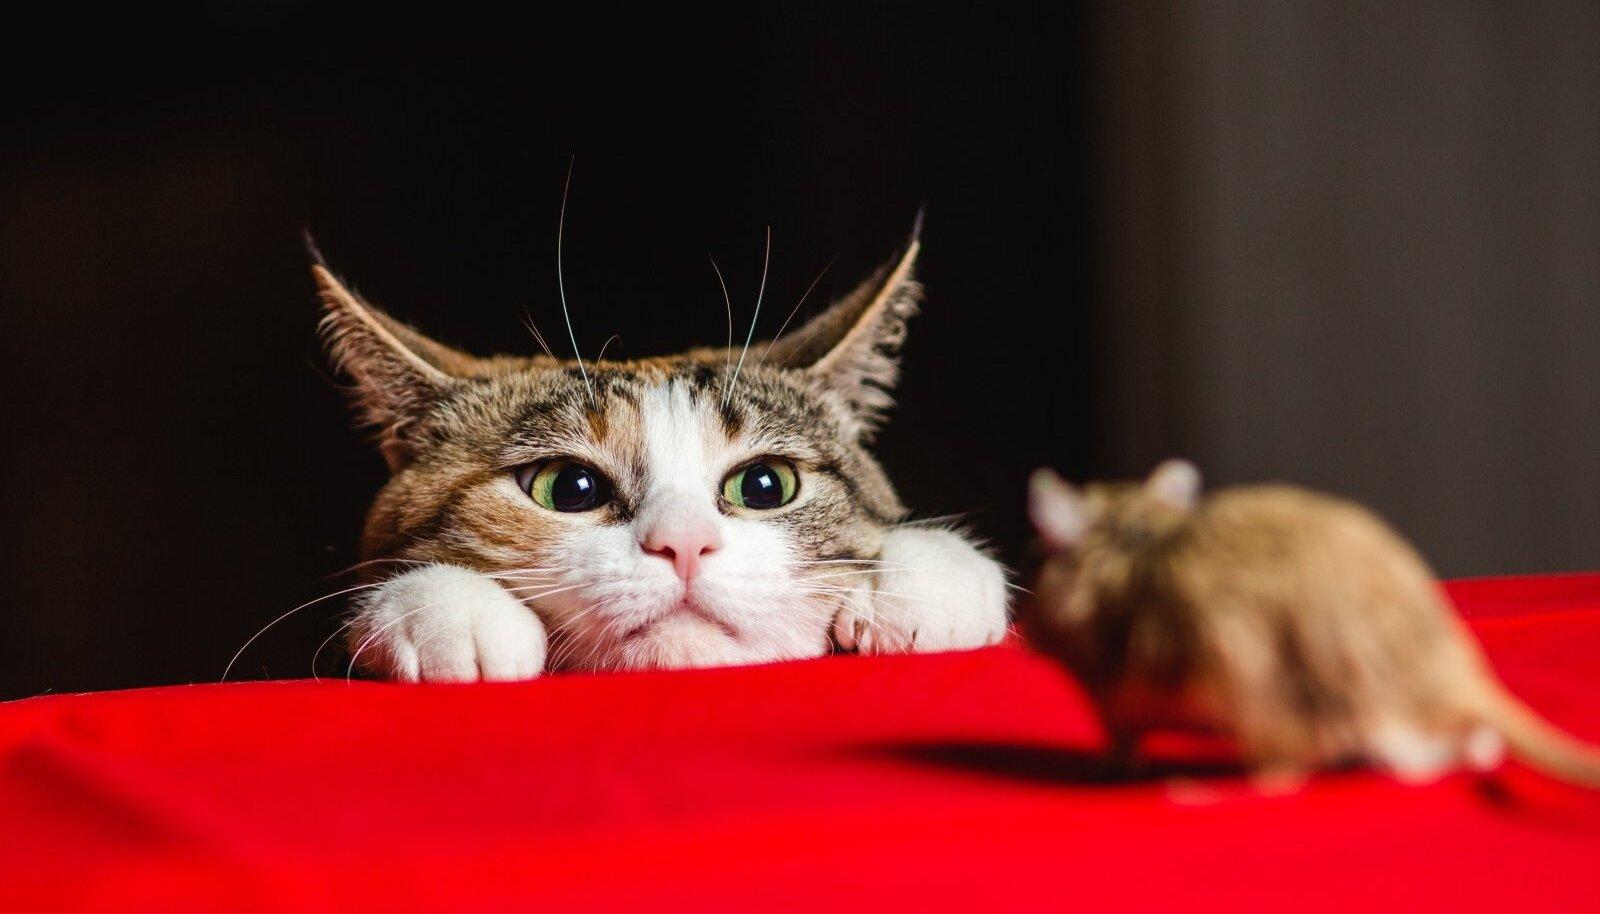 Pikad ja kirglikud arutelud selle üle, kuidas maamajas hiirtest lahti saada, lõppevad alati soovitusega võtta kass.